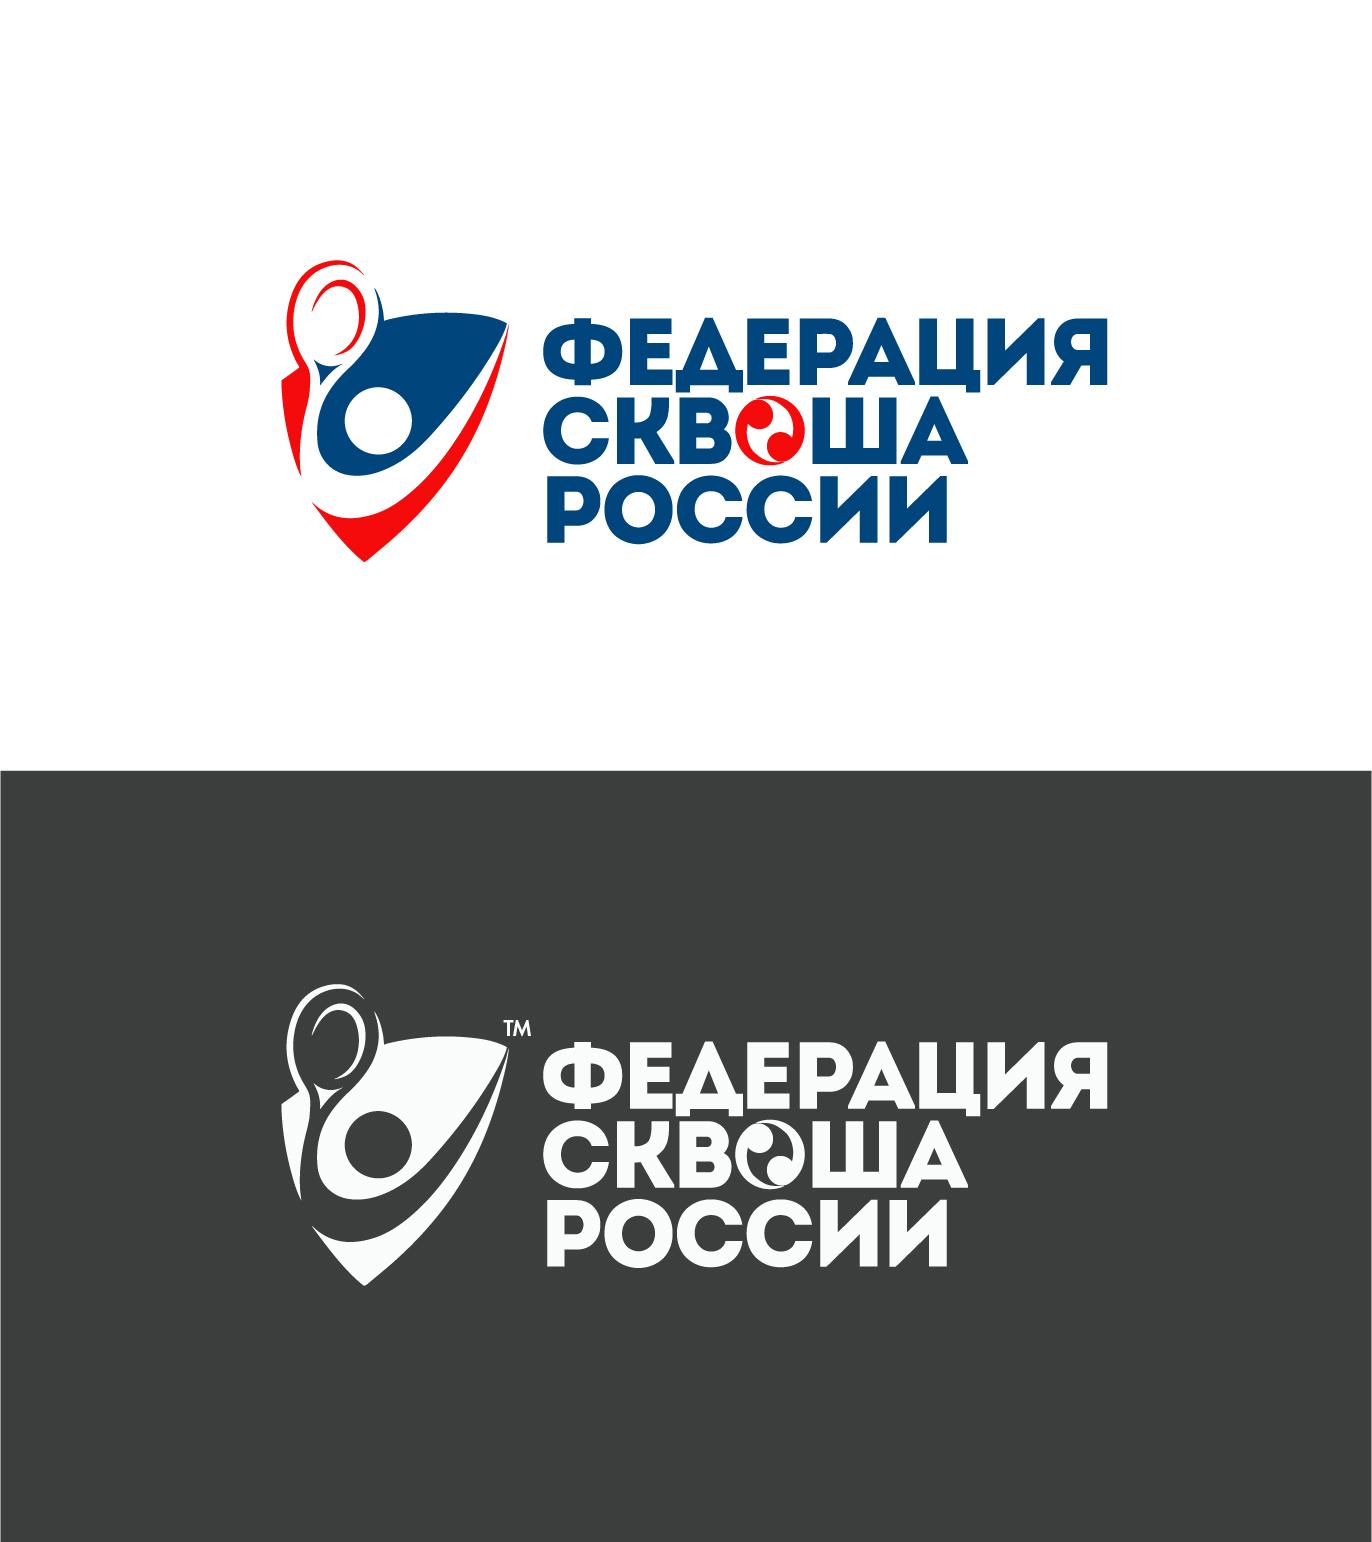 Разработать логотип для Федерации сквоша России фото f_8135f34de7149622.jpg